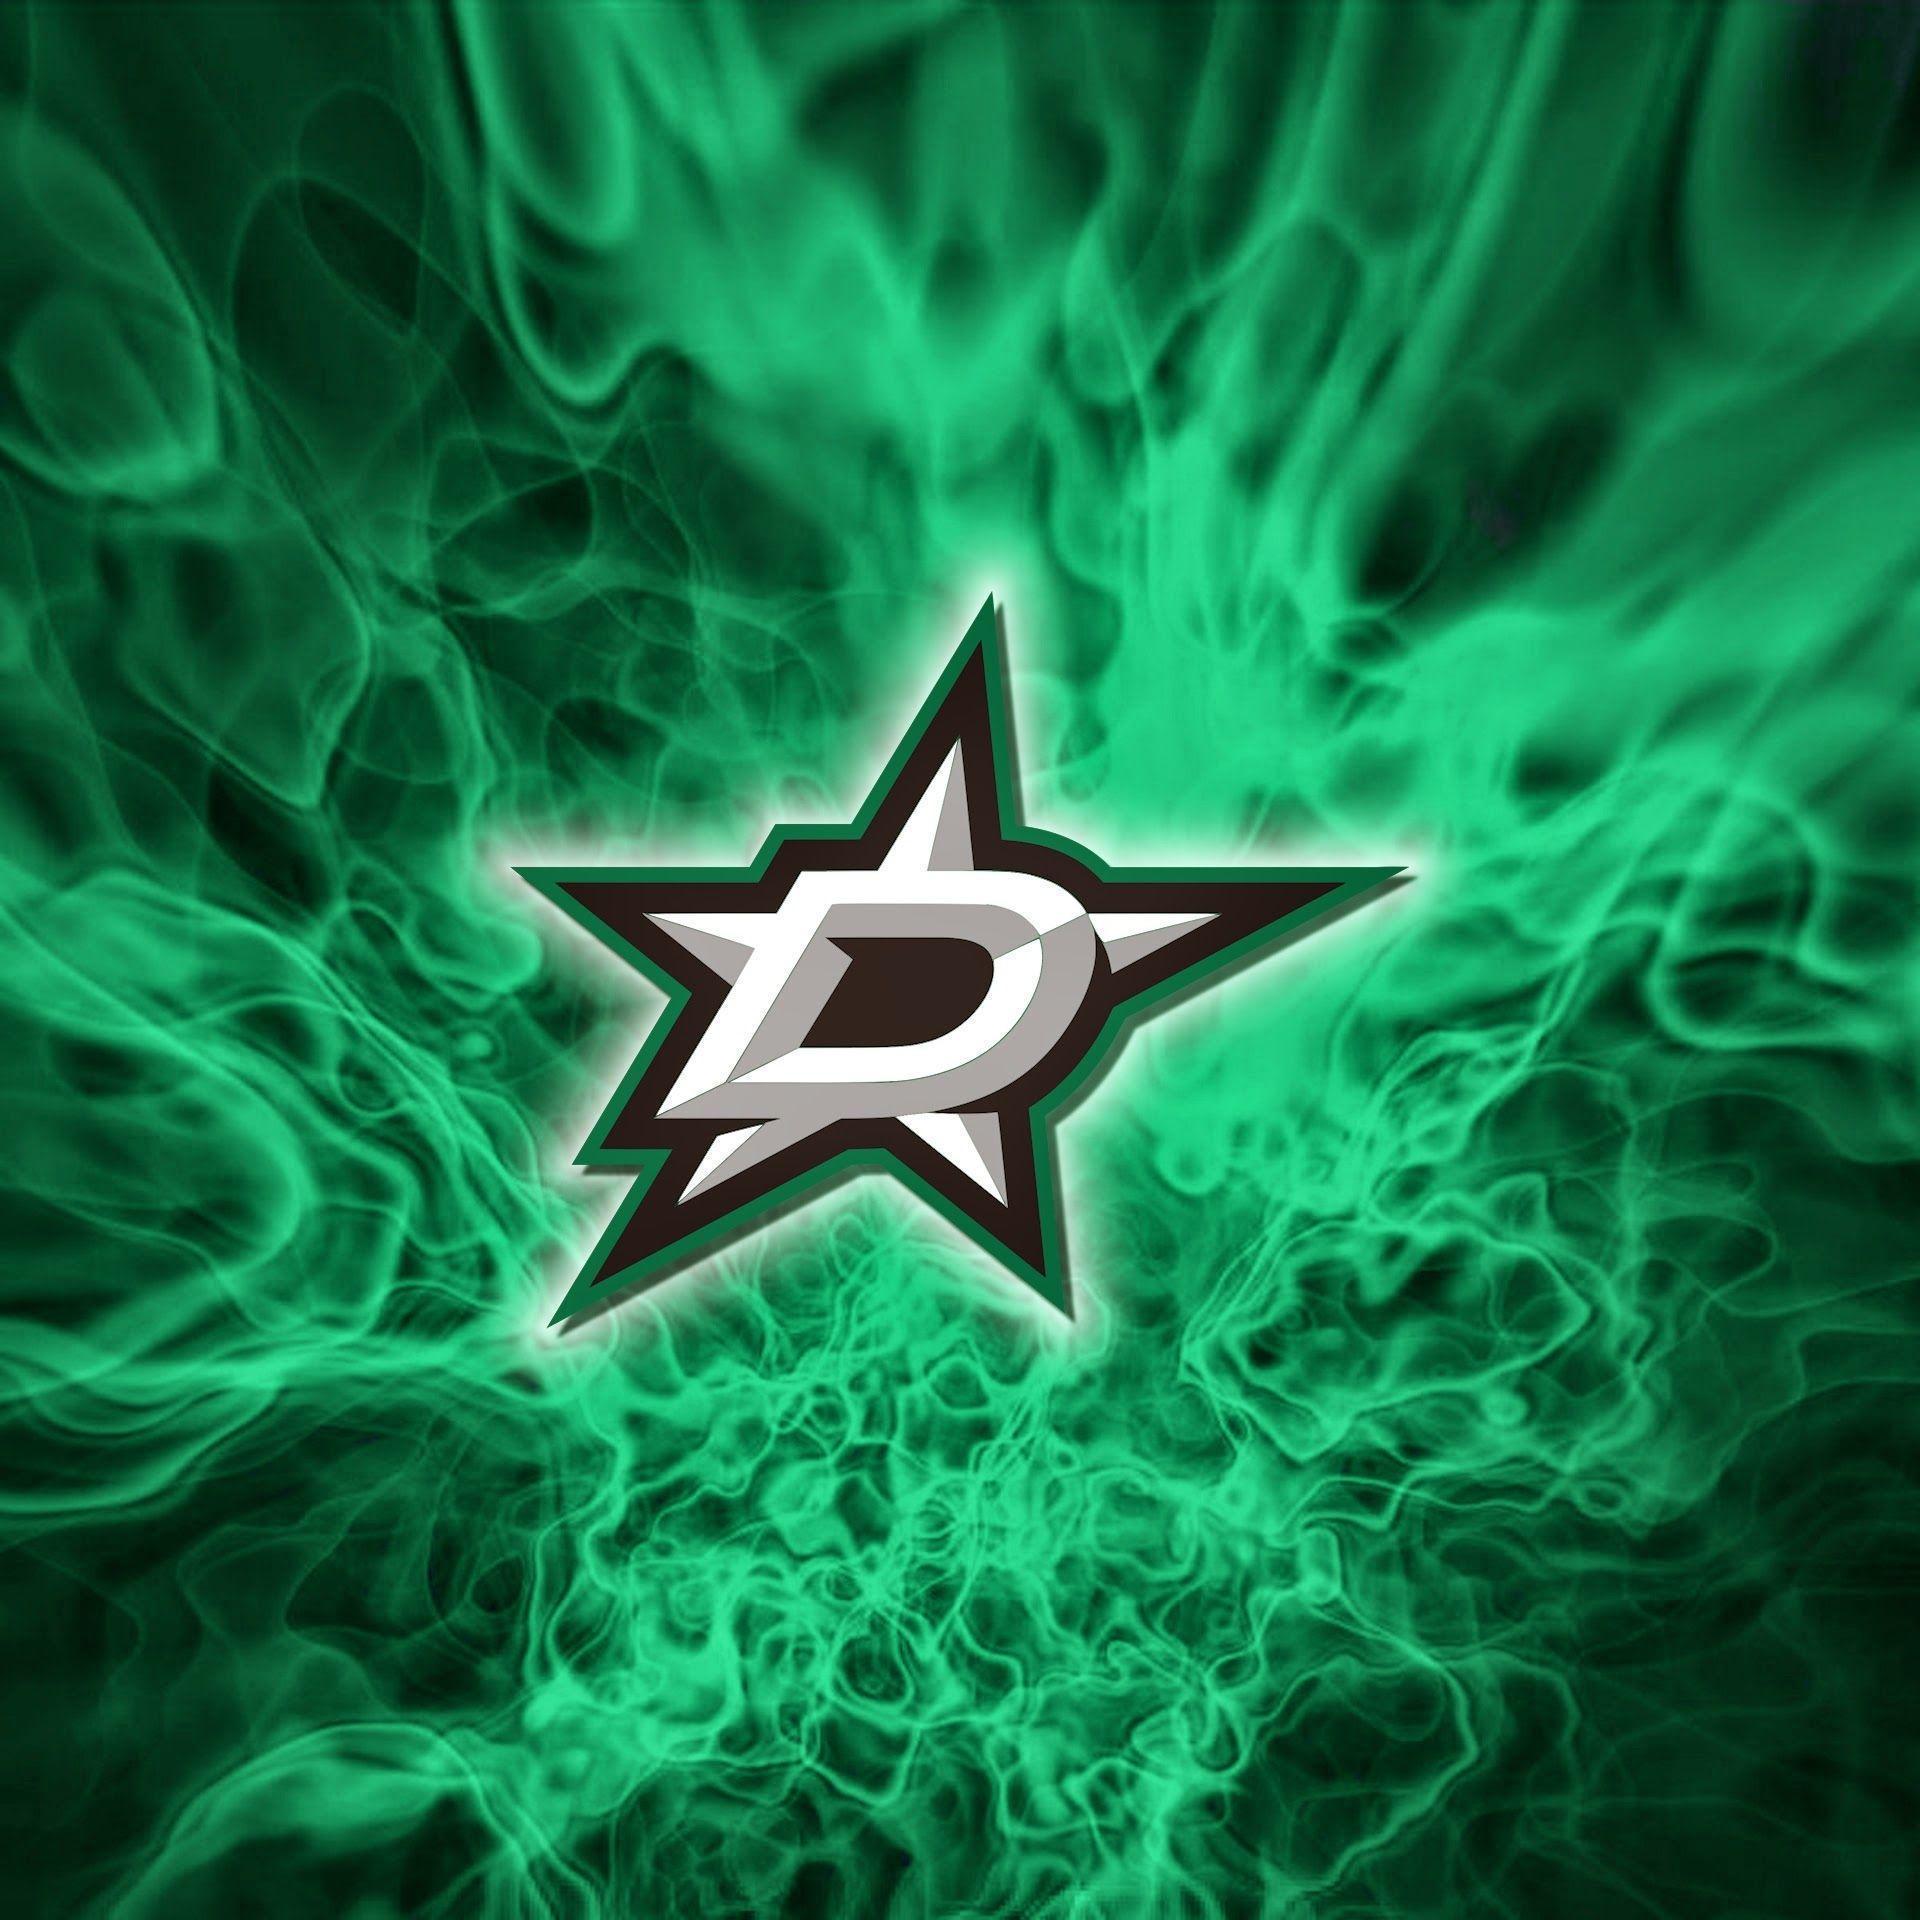 1920x1920px Dallas Stars 314.78 KB #216752